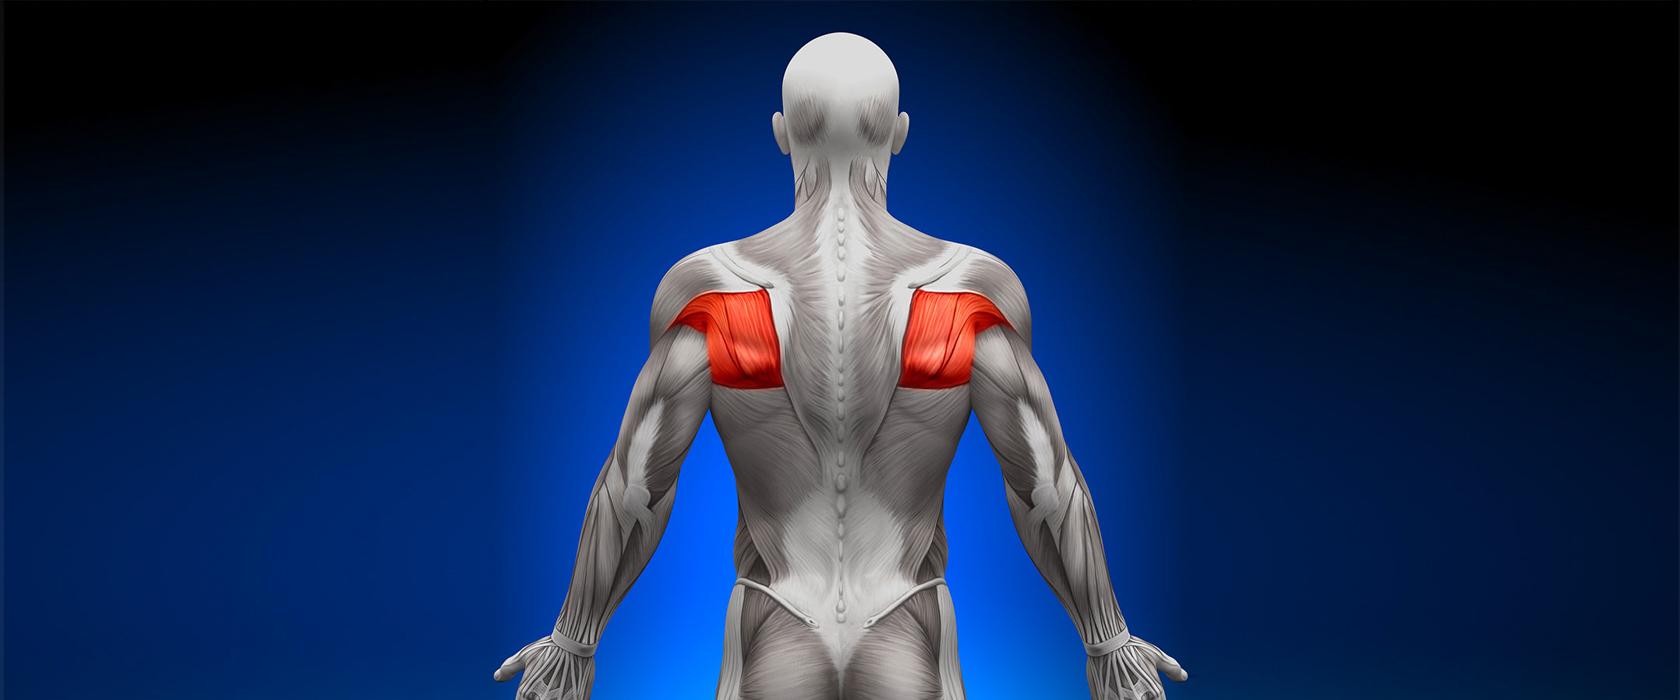 Реферат на тему мышцы спины человека 2493